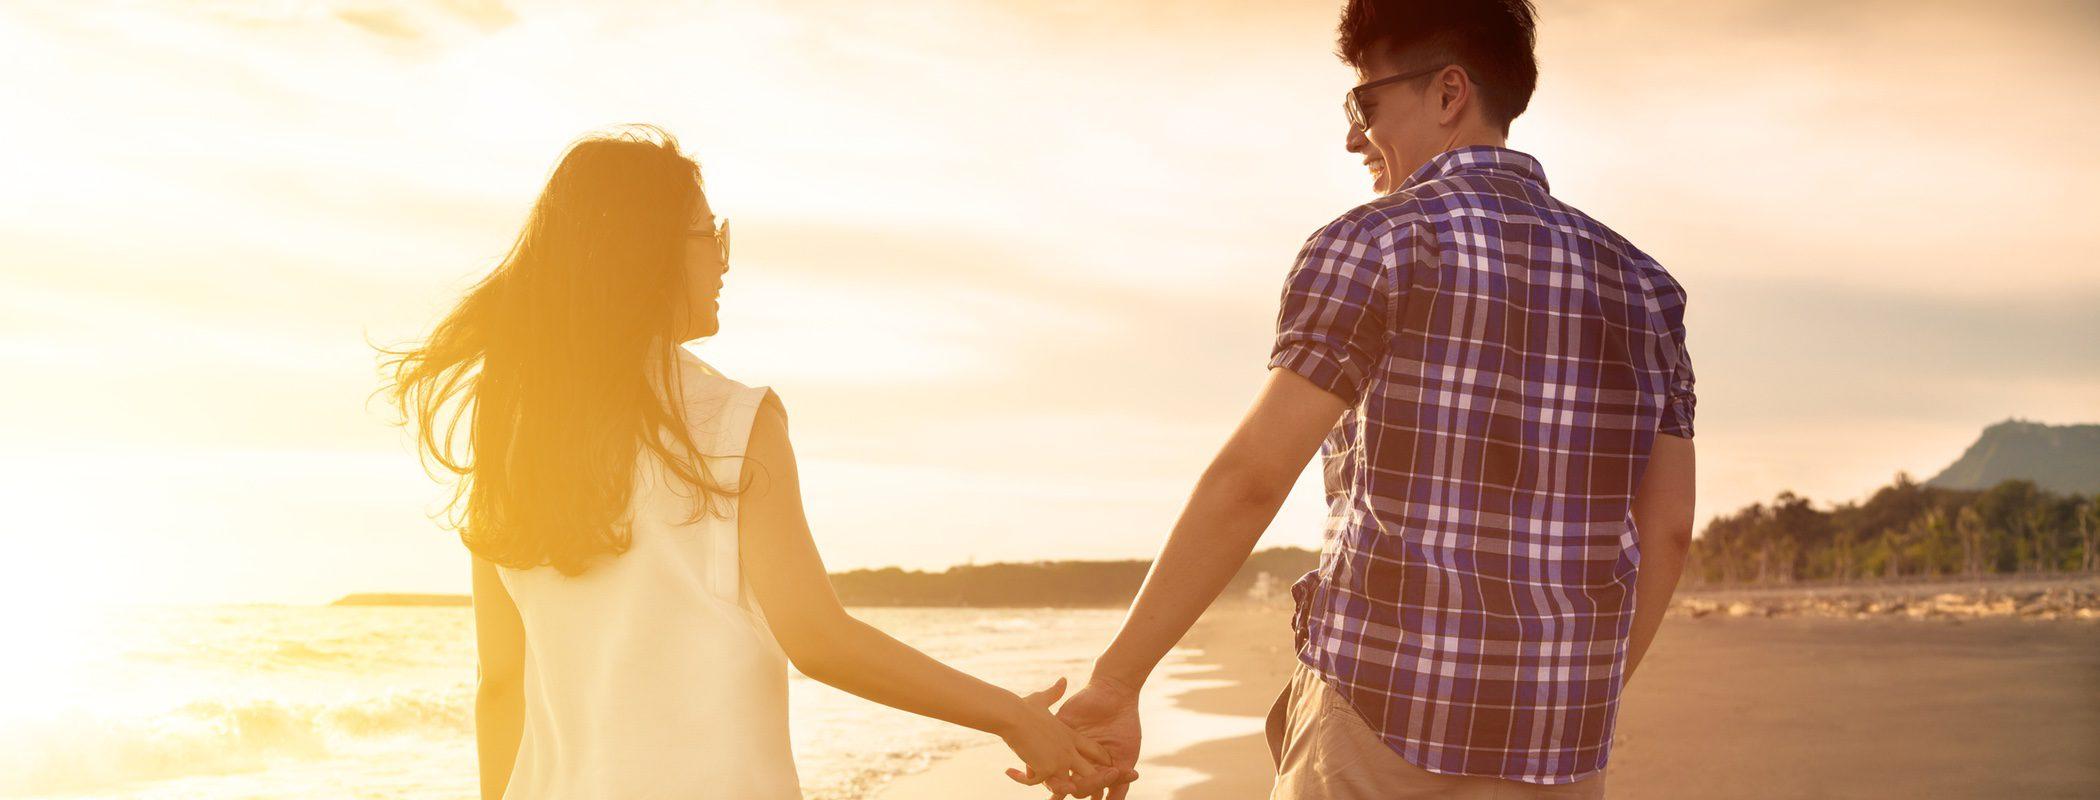 Amor de verano: 4 consejos para exprimir al máximo nuestra relación estival